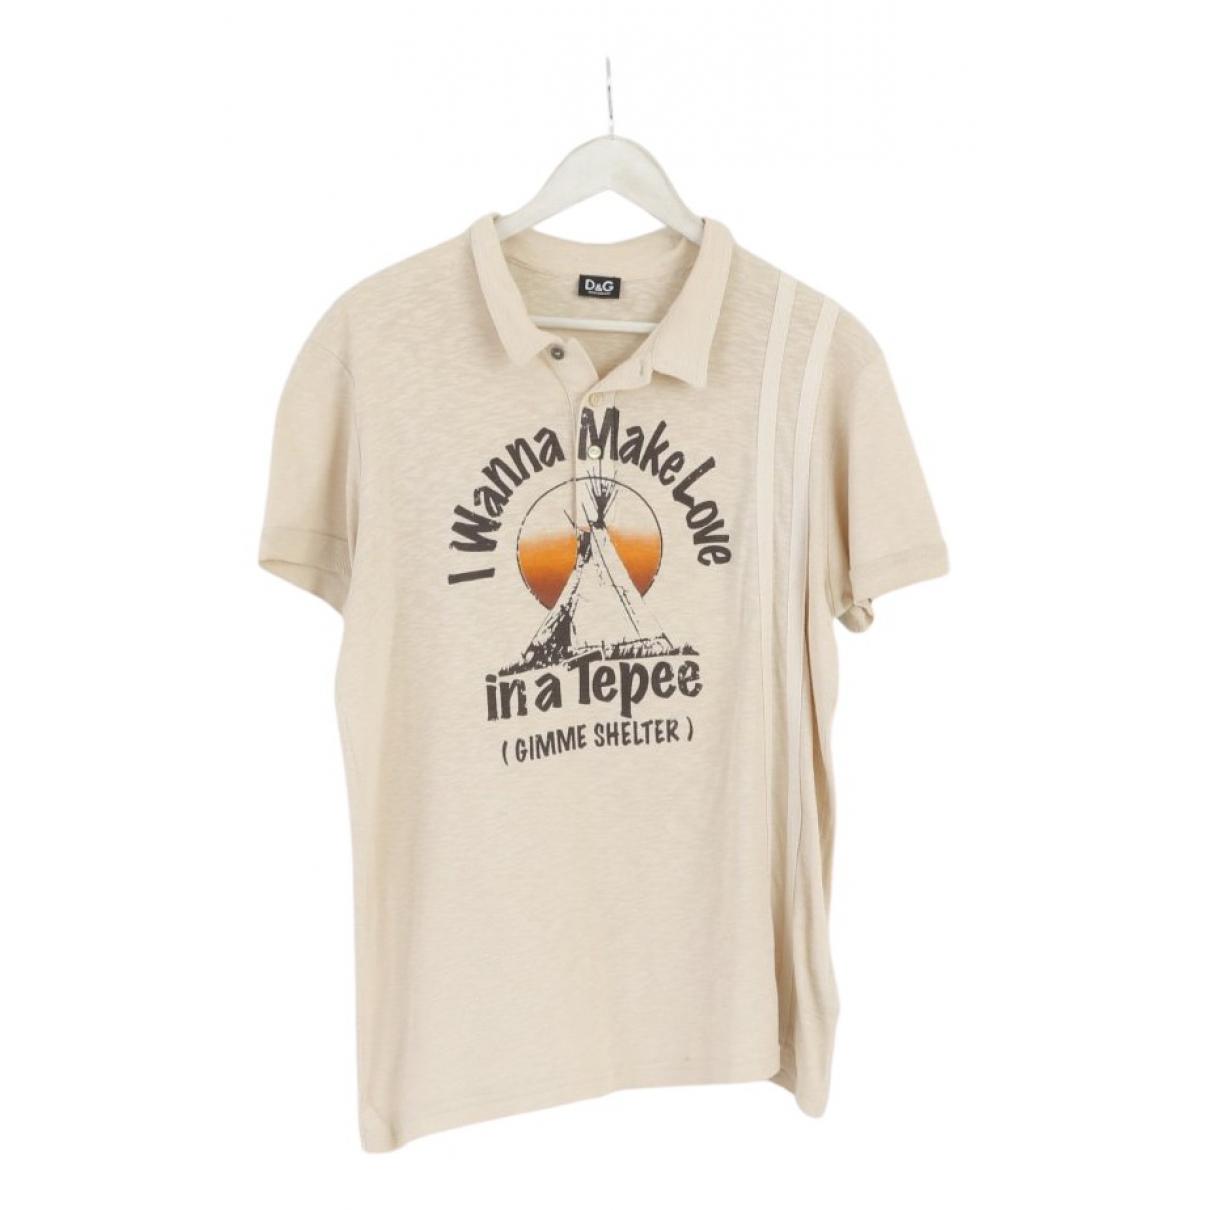 D&g - Polos   pour homme en coton - beige